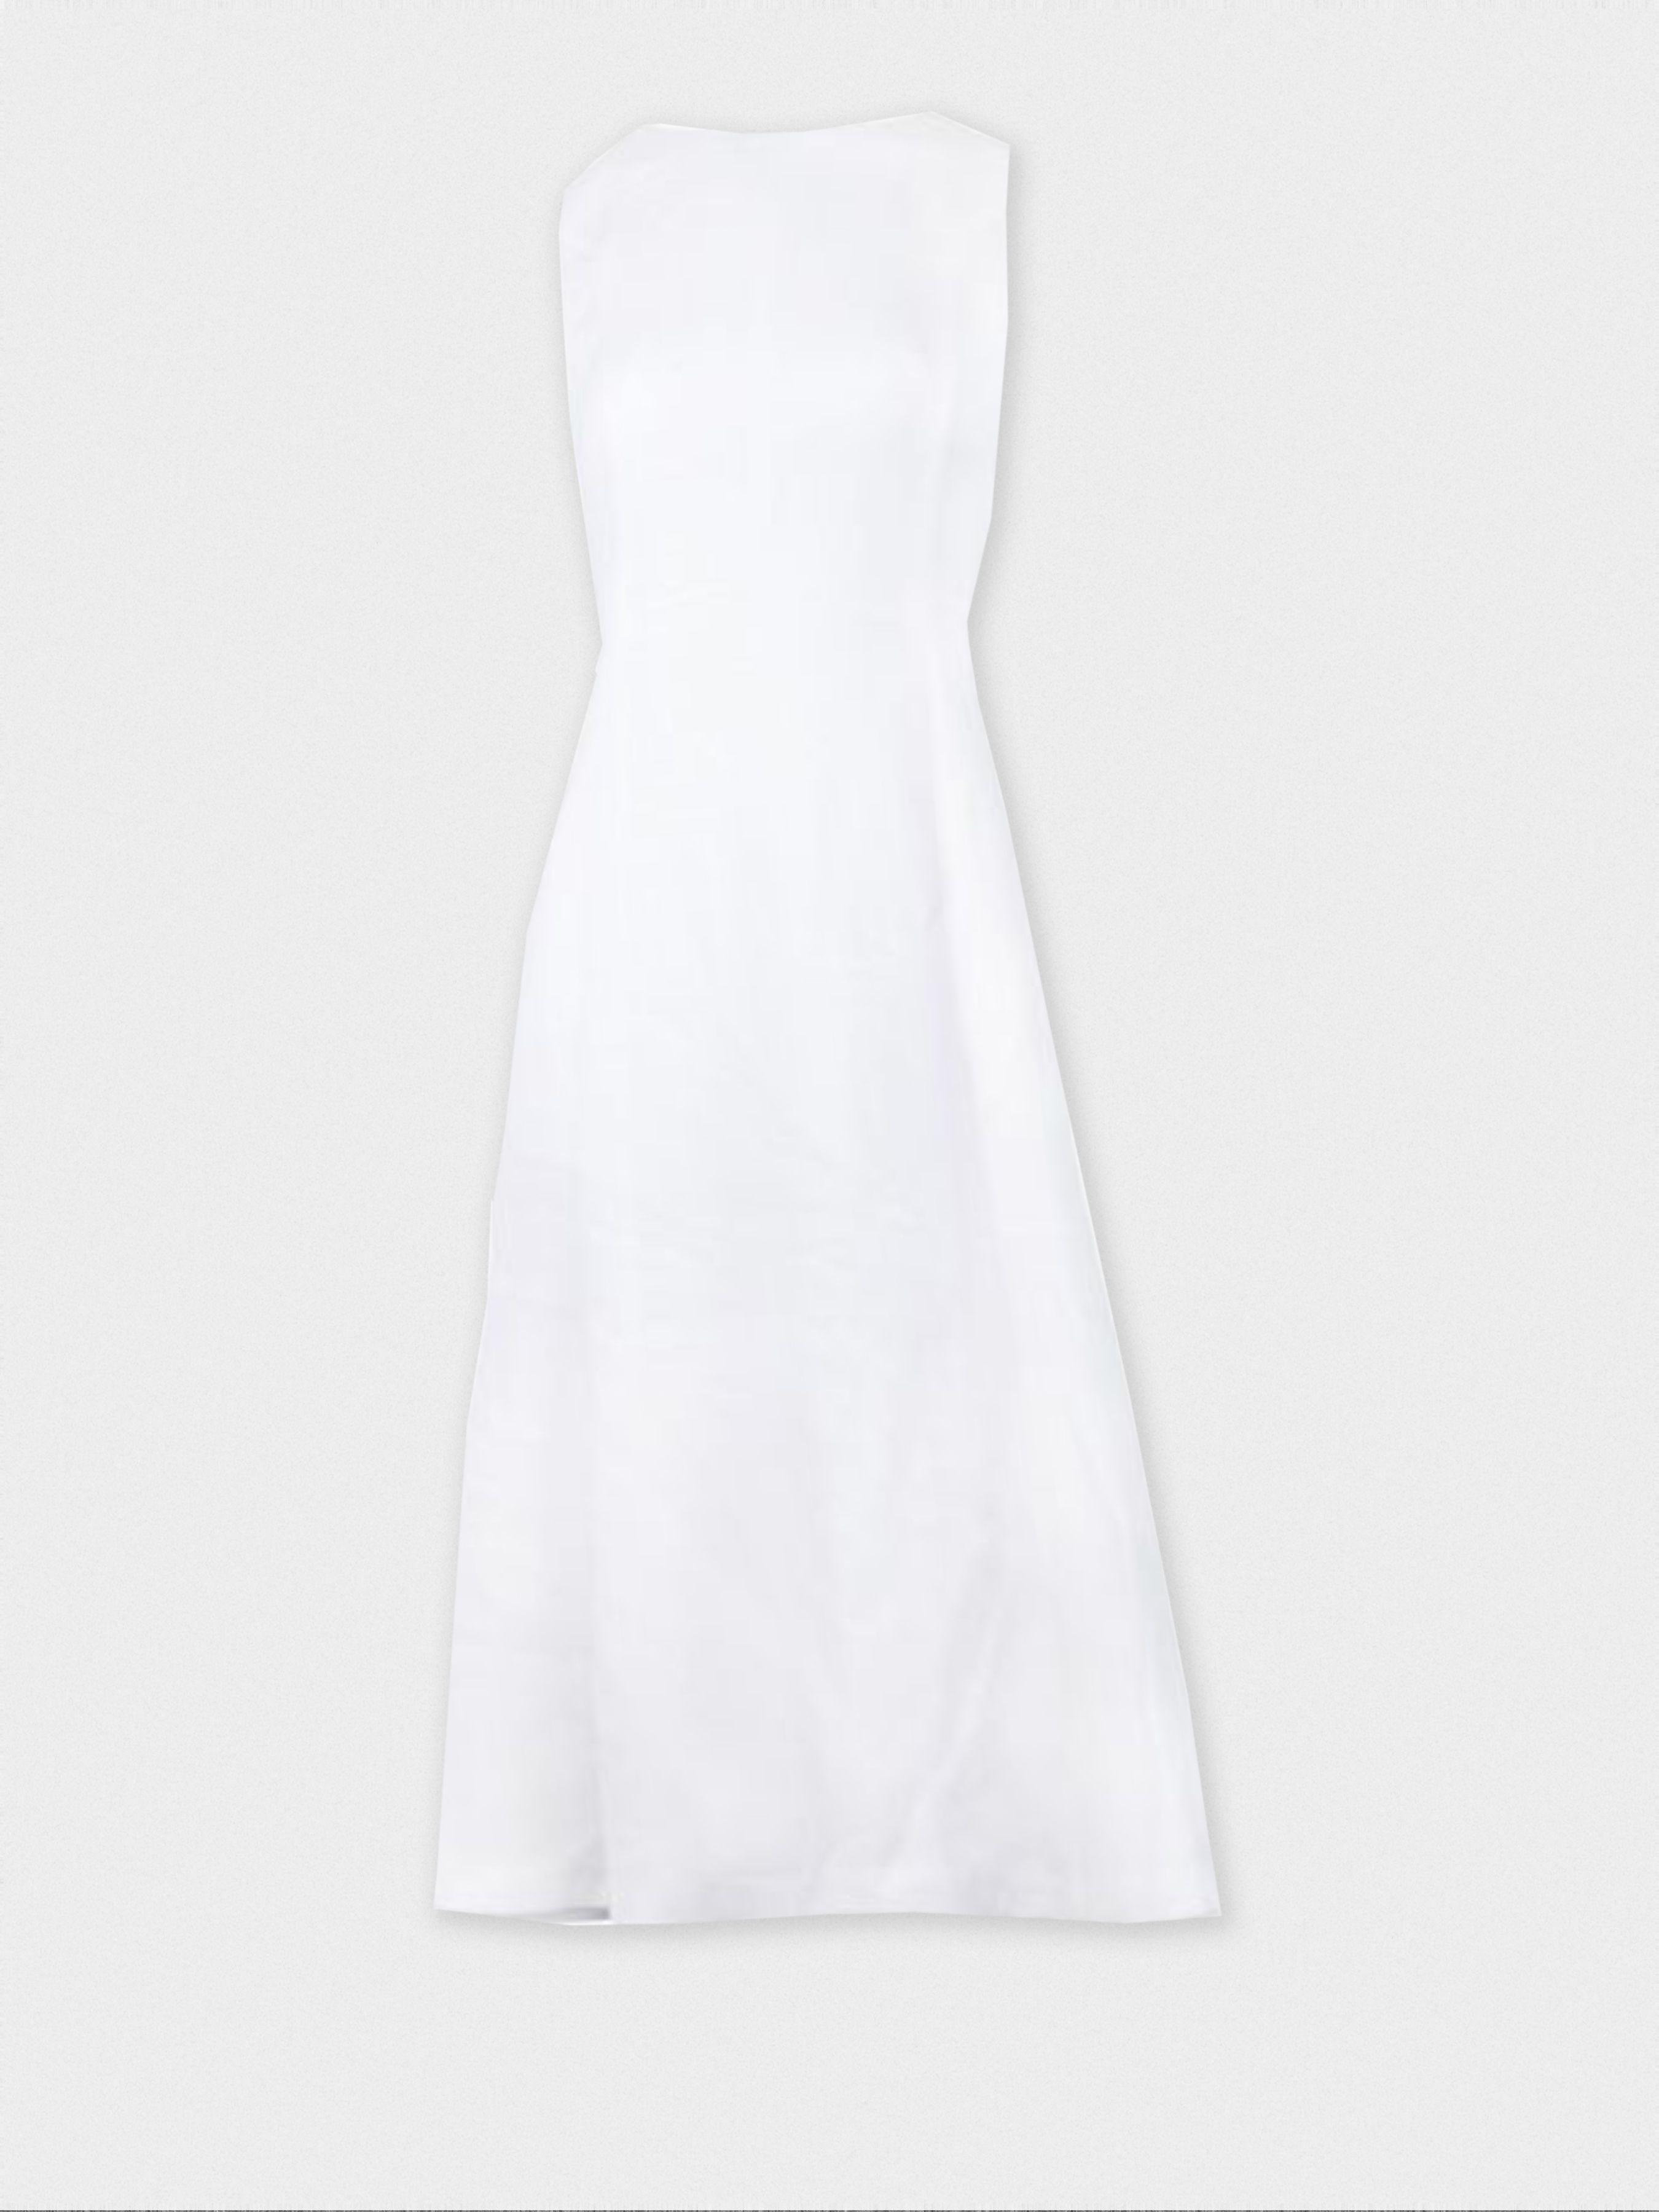 Платье  Armani Exchange модель QZ15 купить, 2017